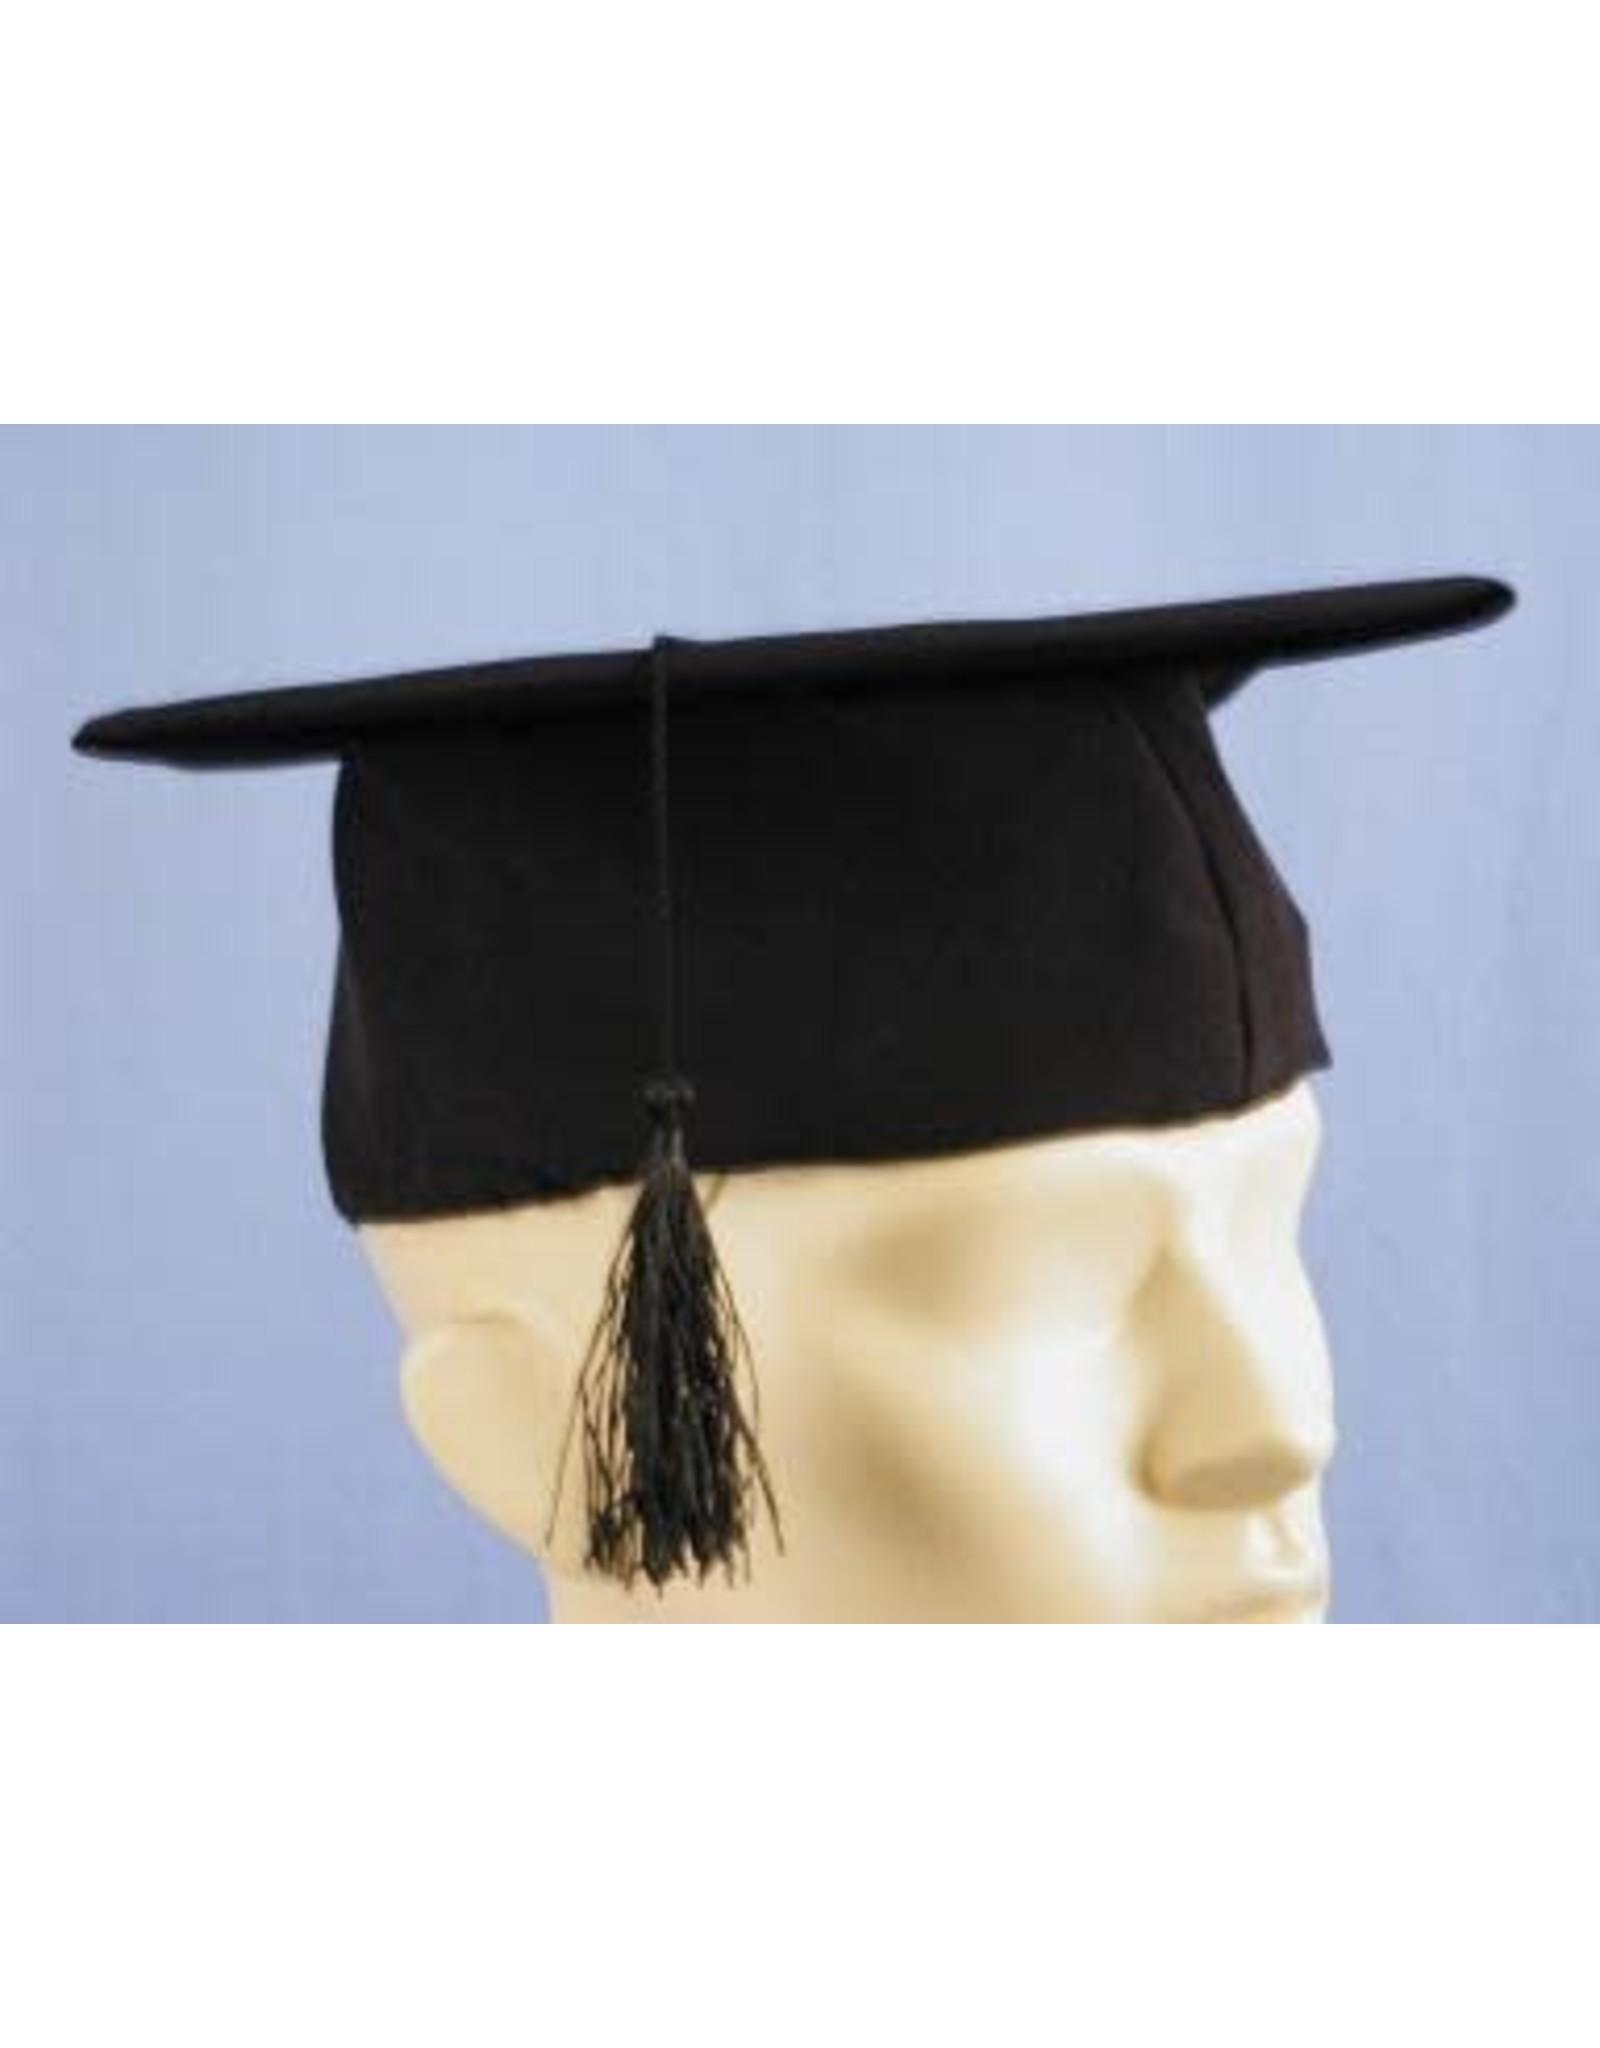 HM Smallwares Graduation Cap